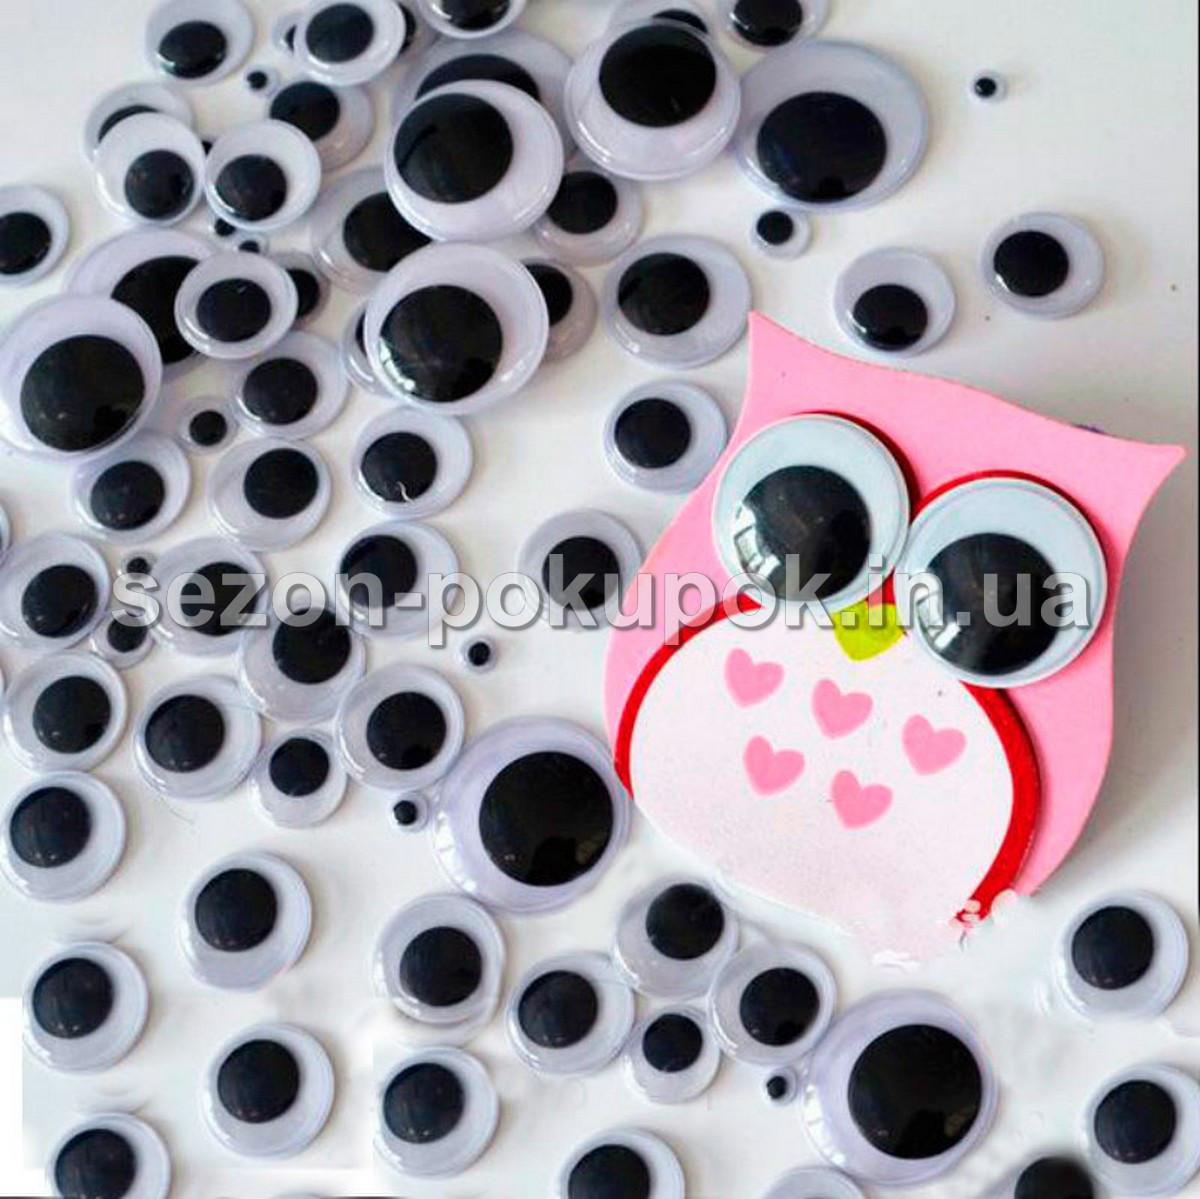 (10 грамм,d=15мм) Подвижные глазки для игрушек d=15мм (прим.65-70 глазок)